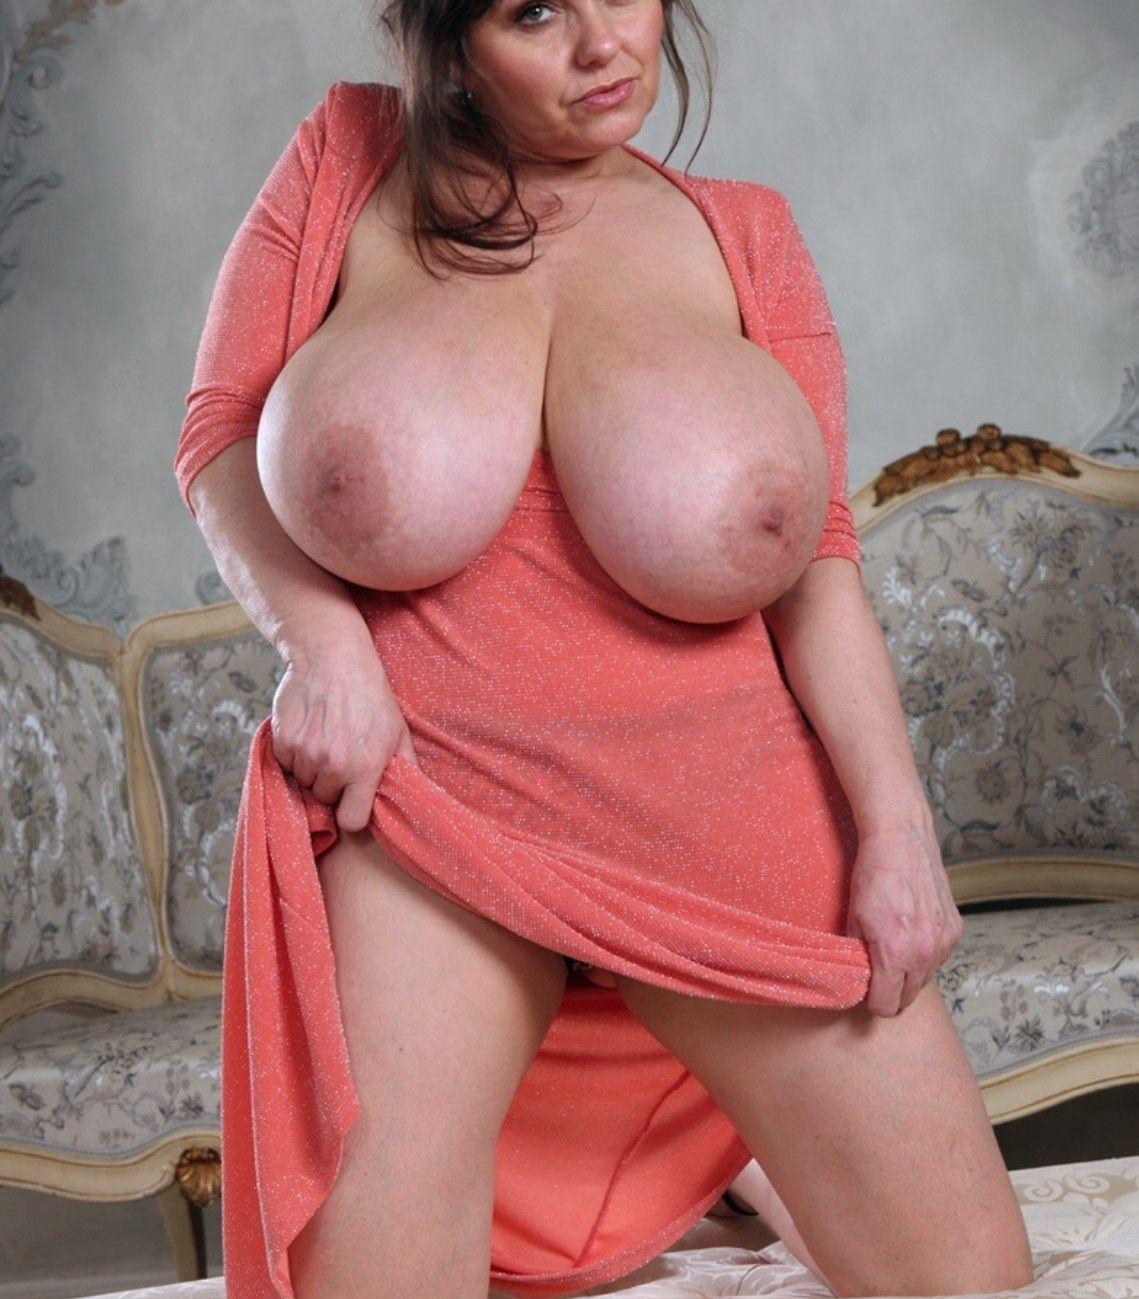 Bodybuilder womans ass nude